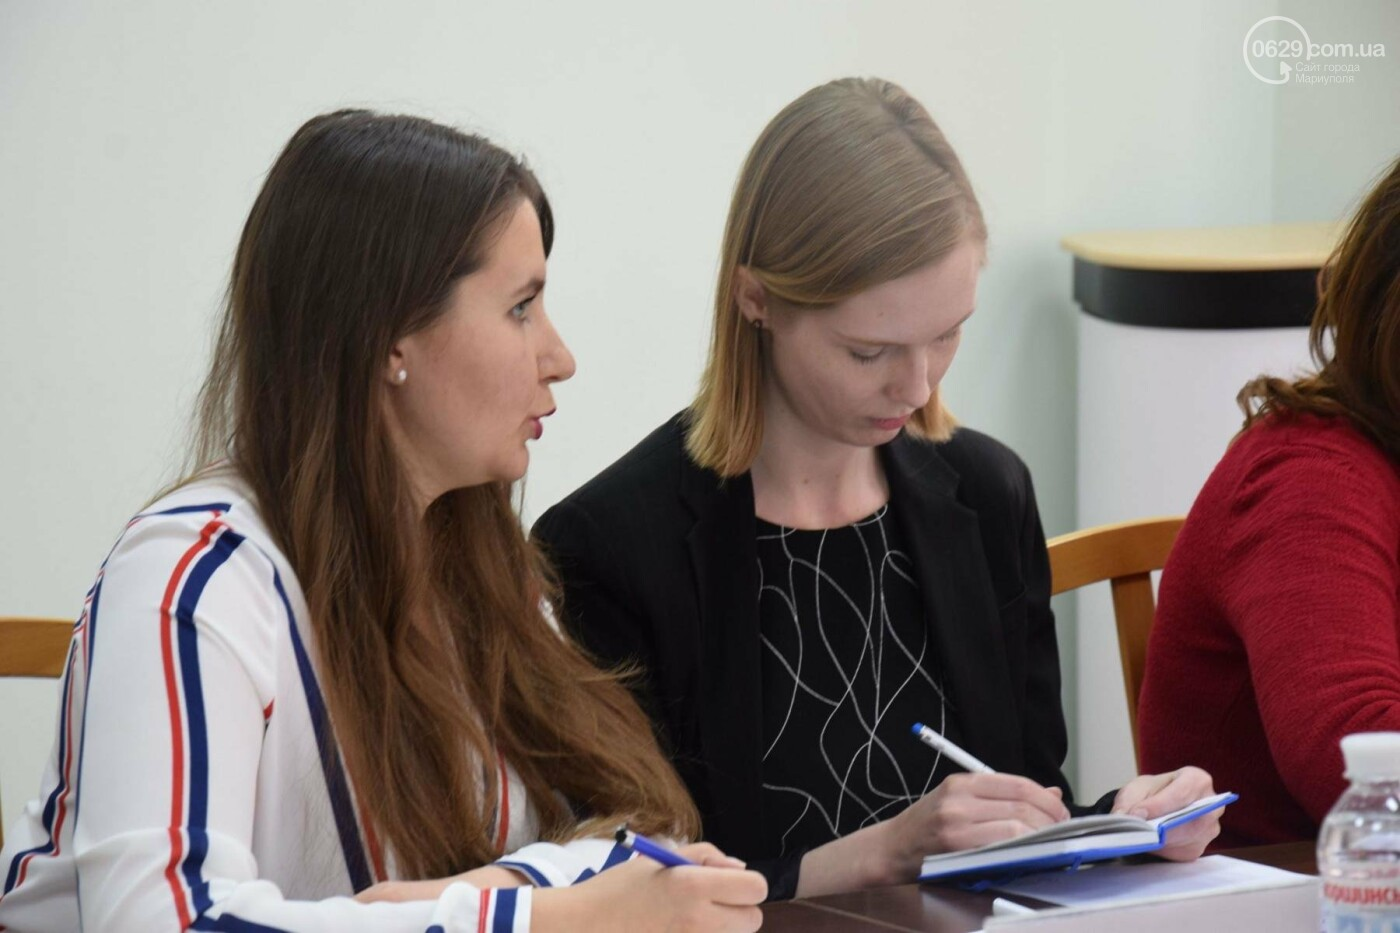 Чрезвычайный и полномочный посол Эстонии приехал в Мариуполь на разведку (ФОТО, ВИДЕО), фото-1